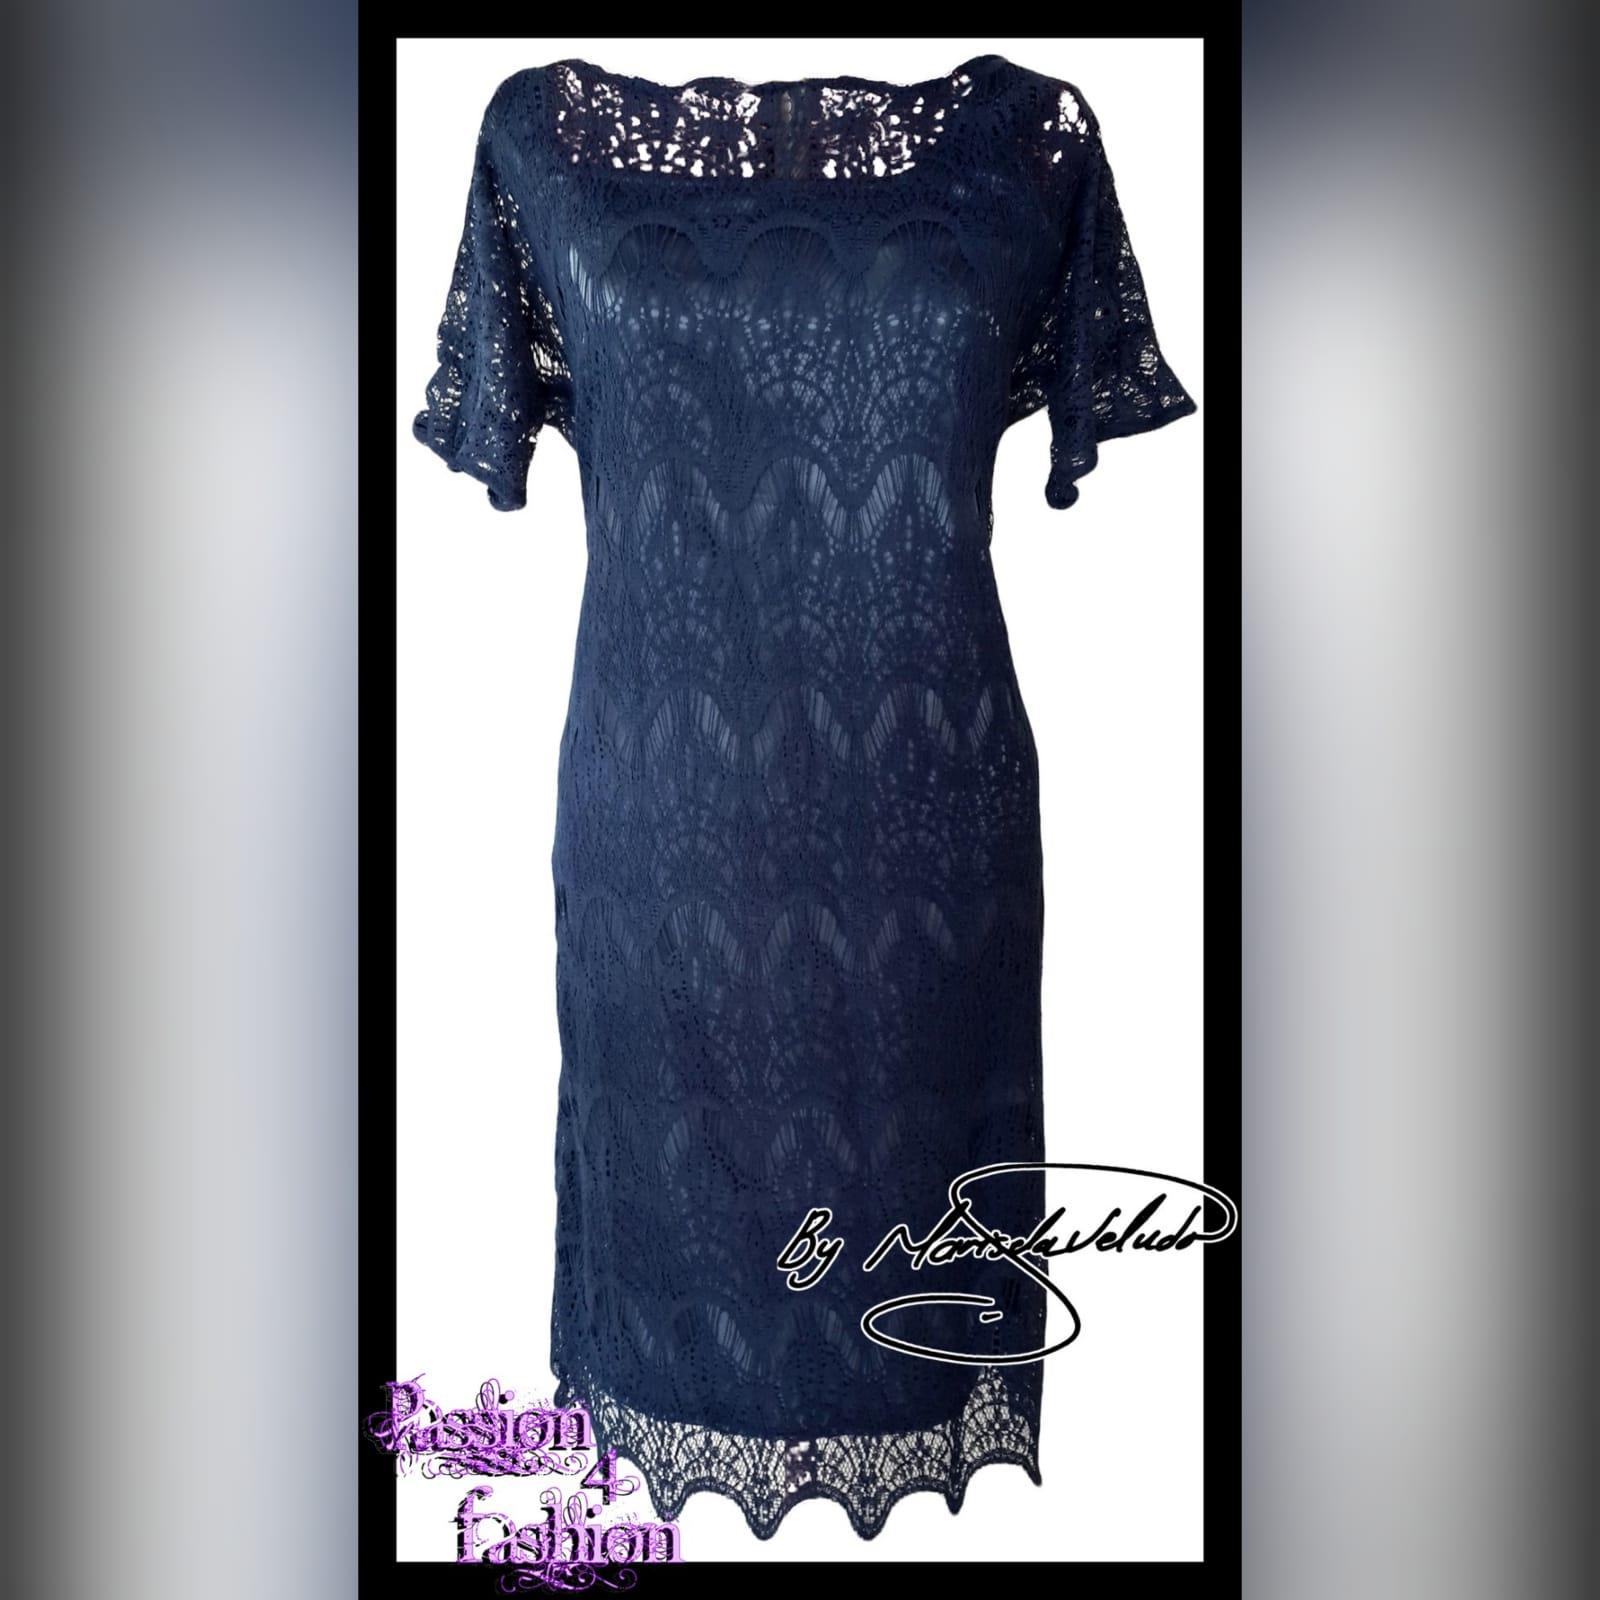 Vestido curto de ceremonia azul marinho 1 vestido curto de ceremonia azul marinho, totalmente de renda com uma bainha de vieira e mangas curtas de renda